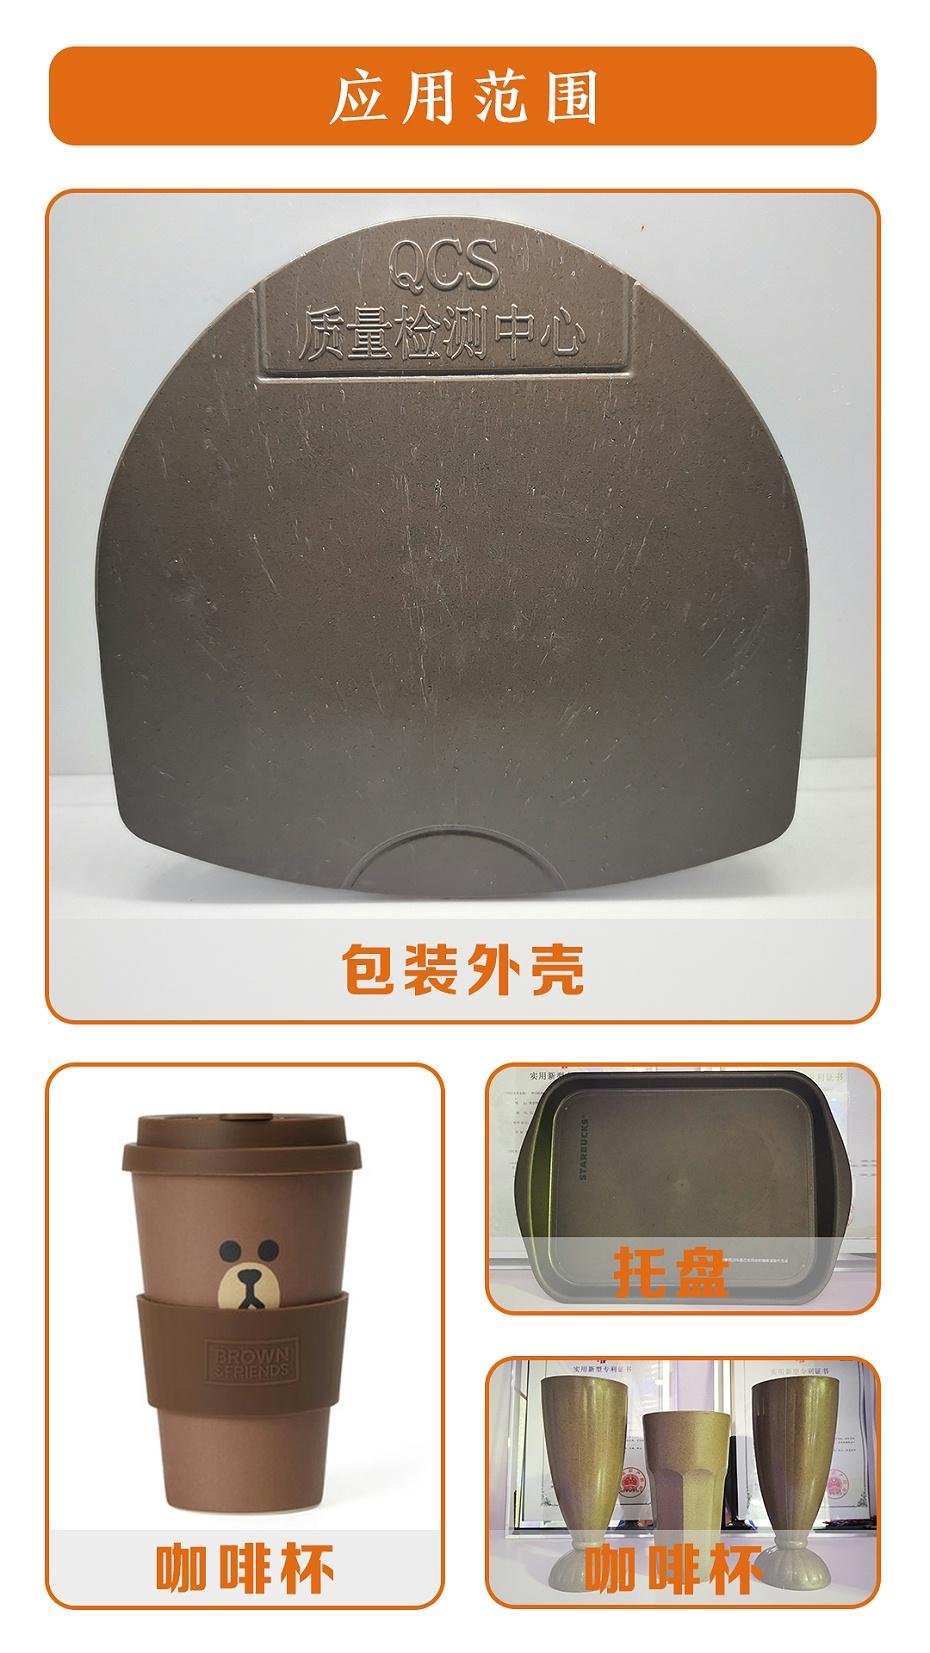 PP咖啡纤维应用图片